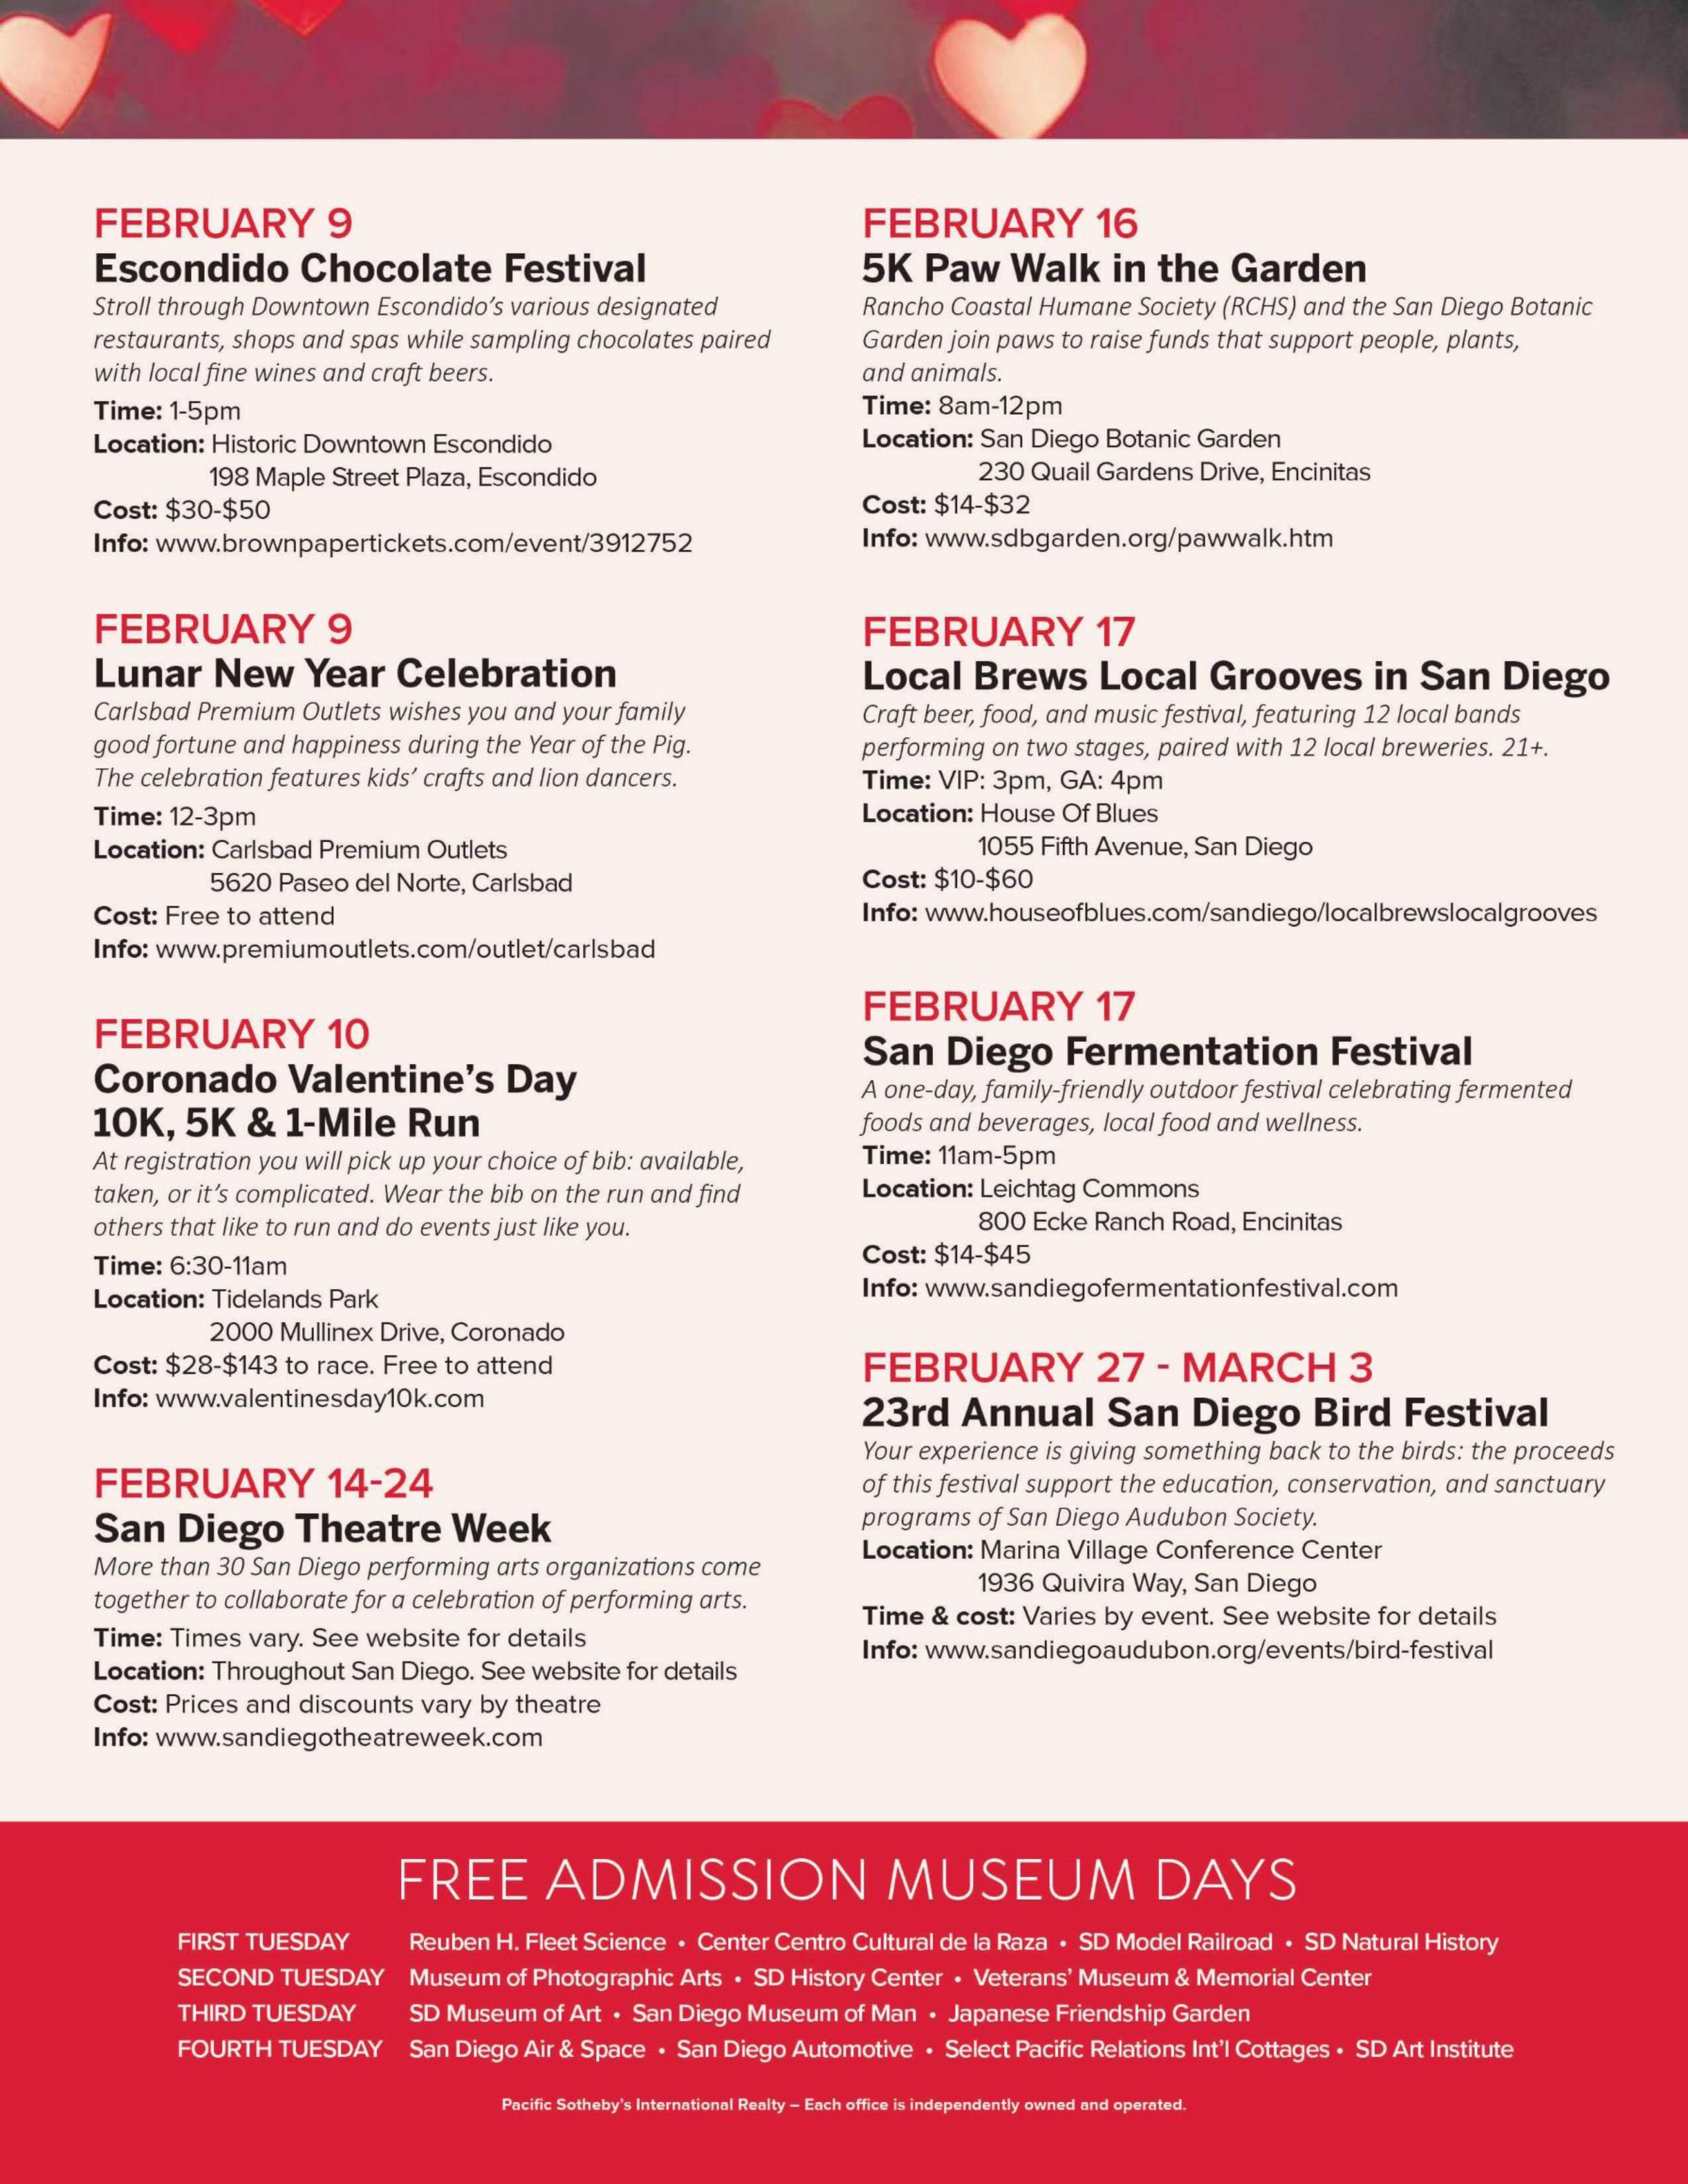 San Diego Calendar Of Events February 2019 San Diego Events Calendar – February 2019 – Dean Team